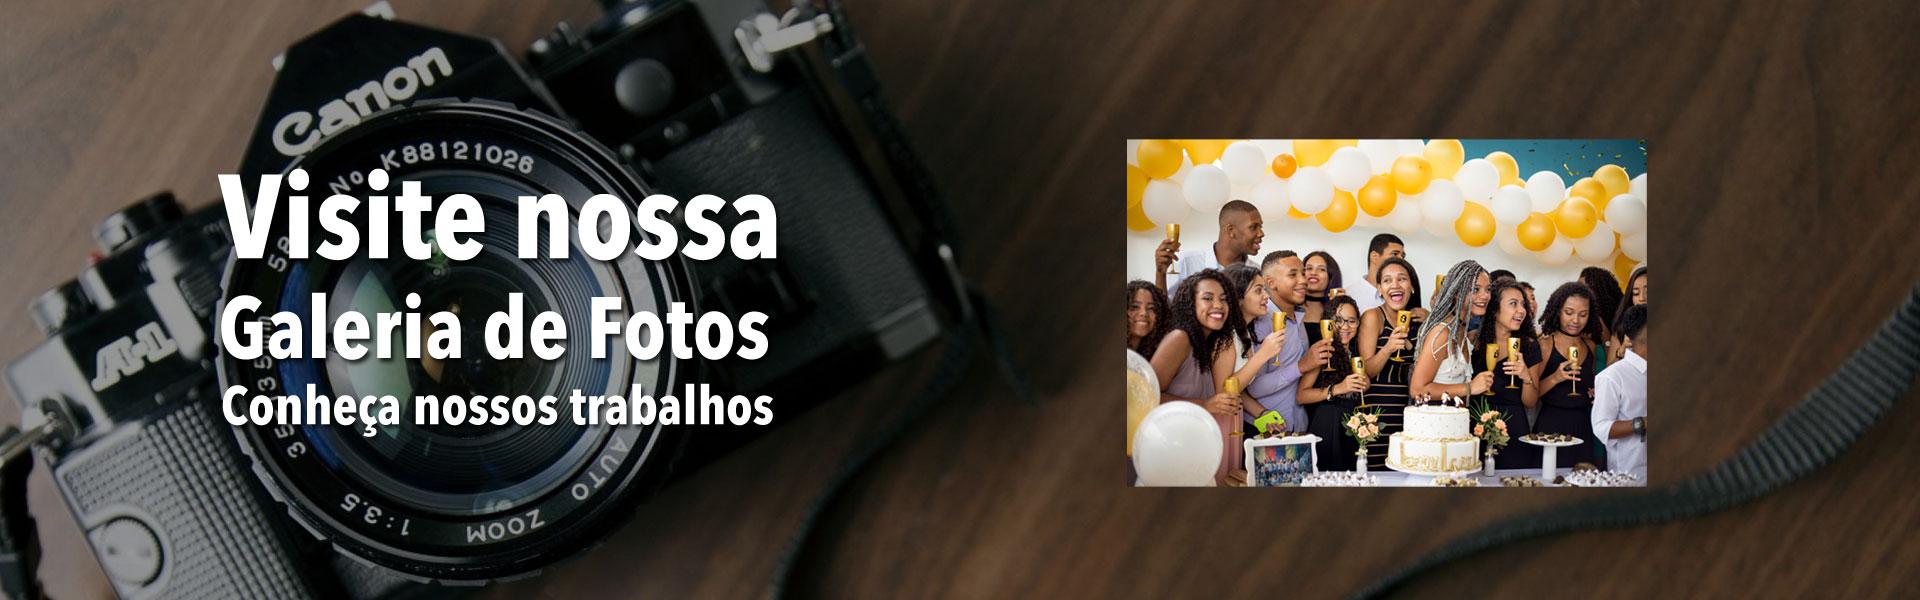 galeria-fotos